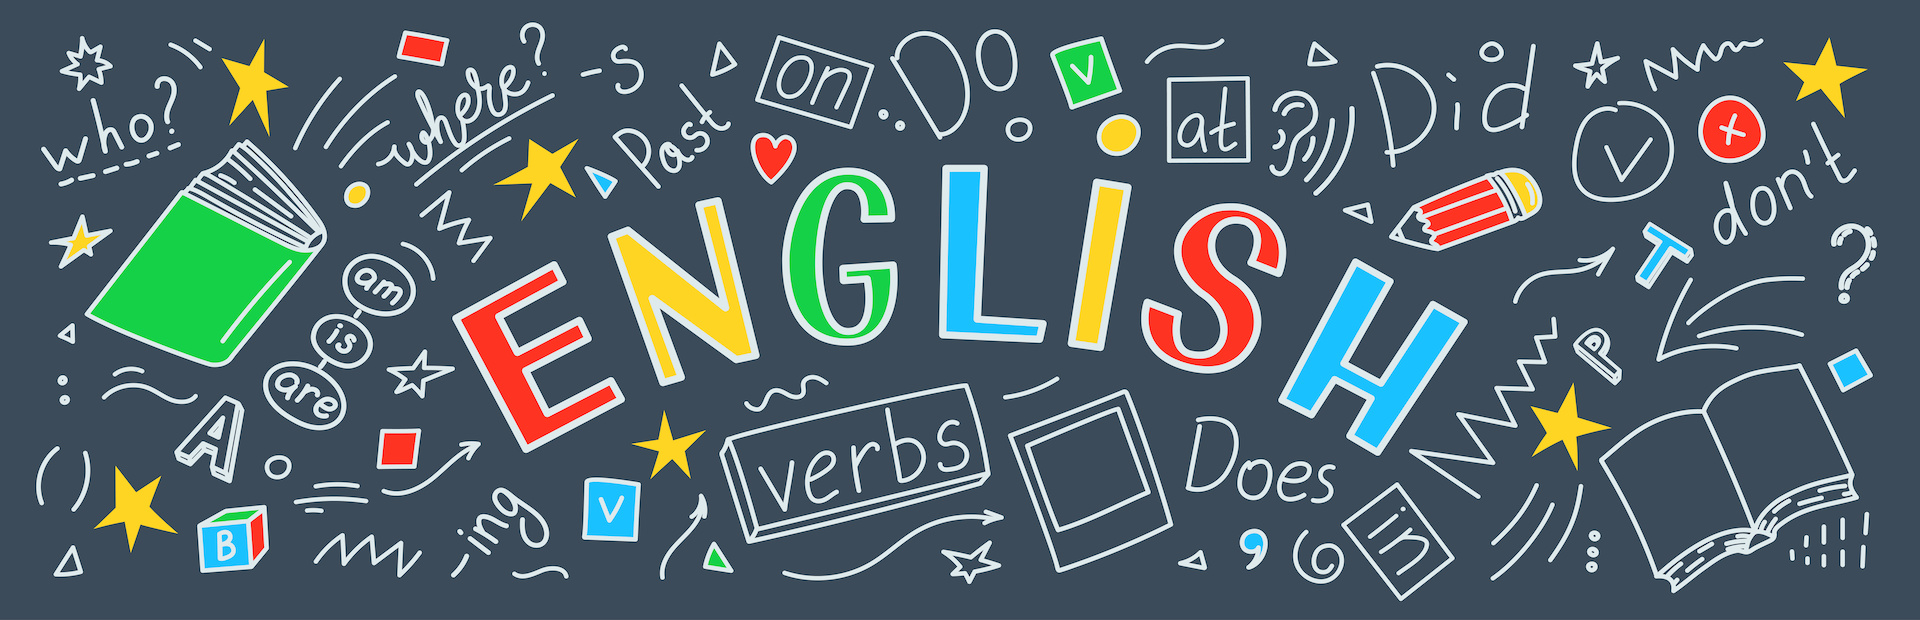 Inmersión lingüística